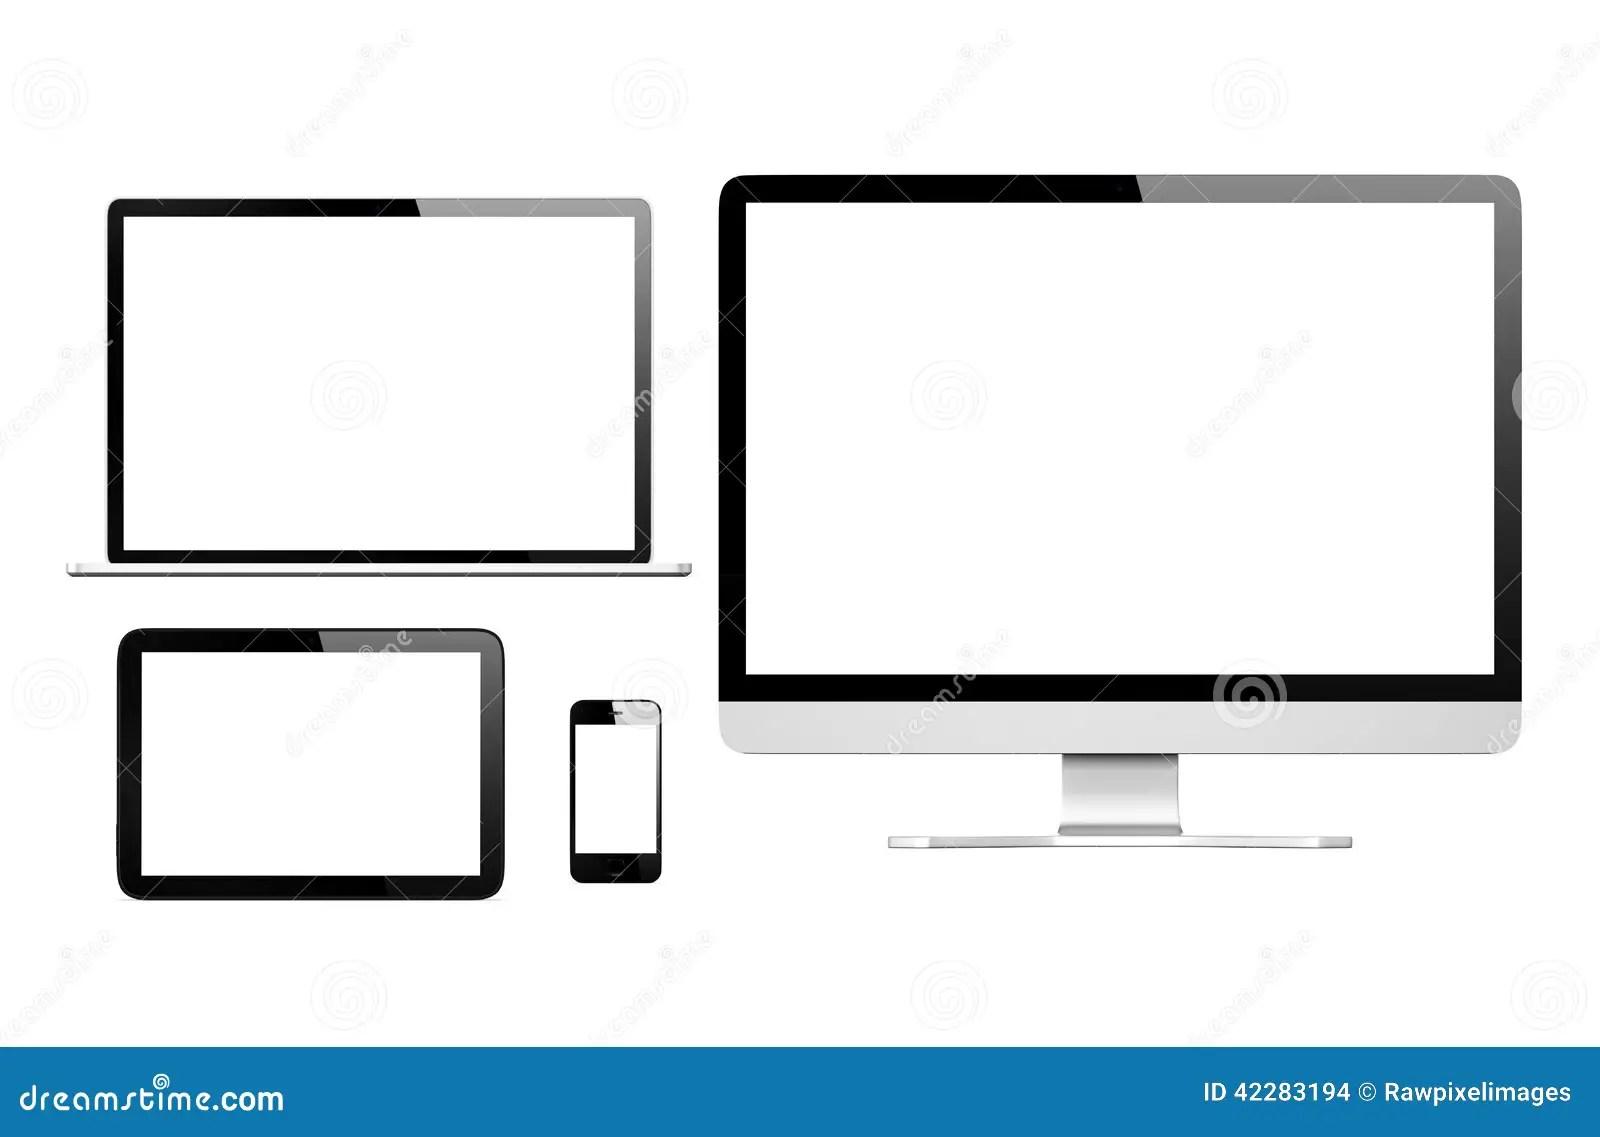 Electronic Communication Royalty Free Stock Photo